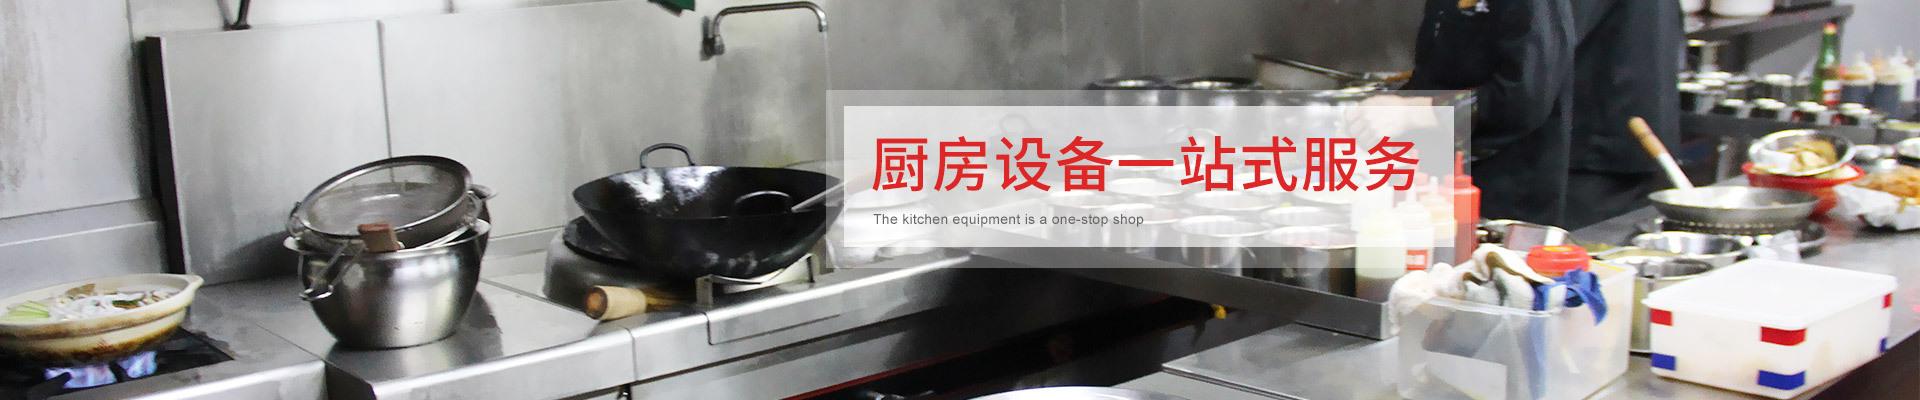 深圳西餐厅厨房工程基础设备都有哪些?-金旺厨具